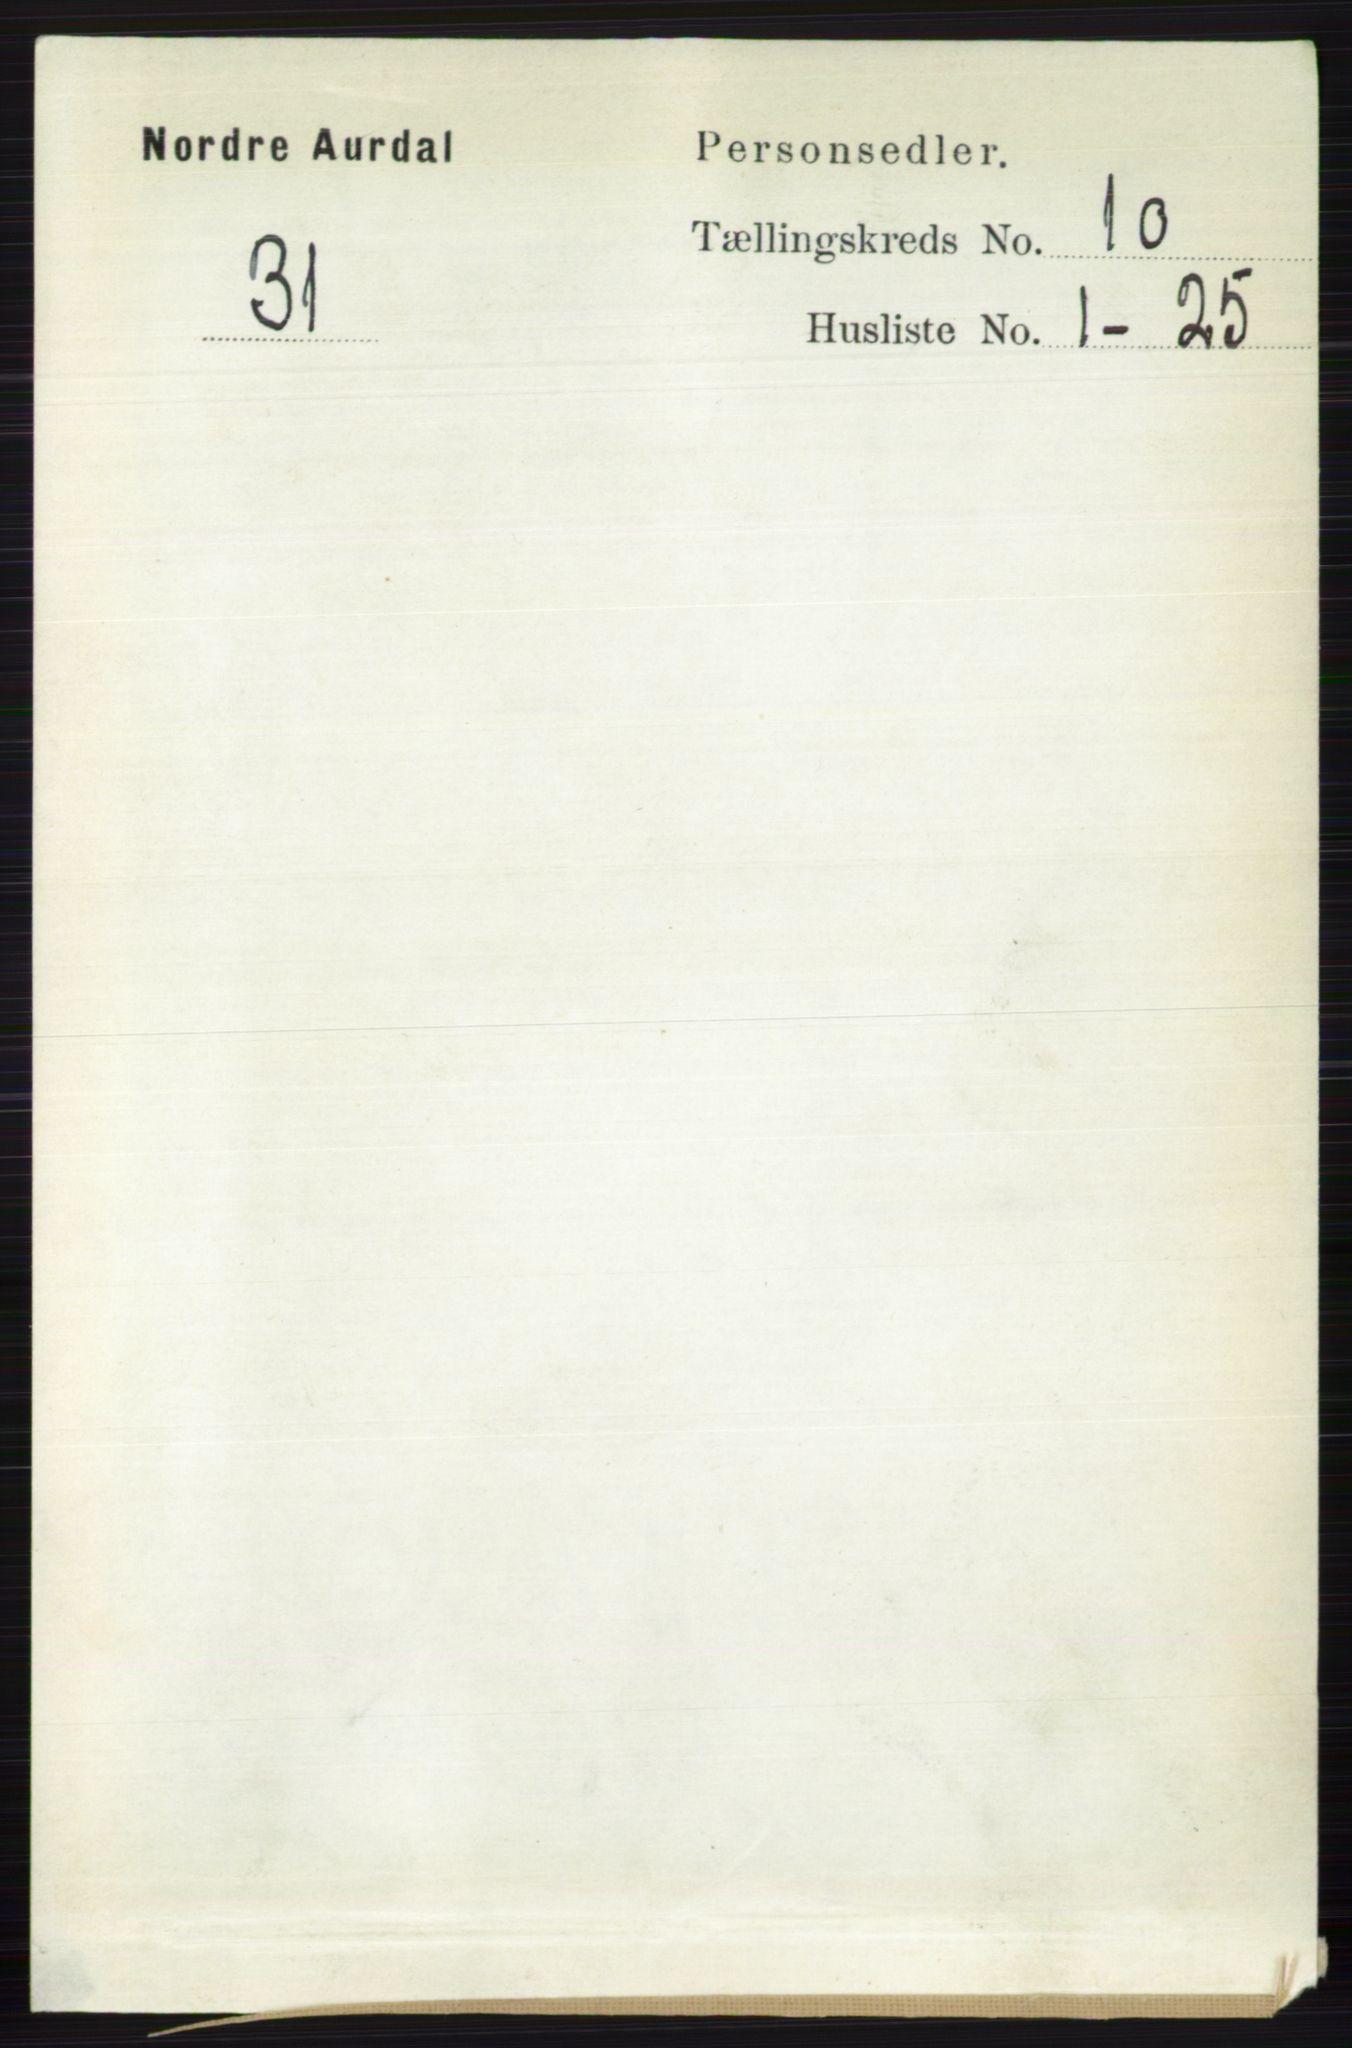 RA, Folketelling 1891 for 0542 Nord-Aurdal herred, 1891, s. 3730